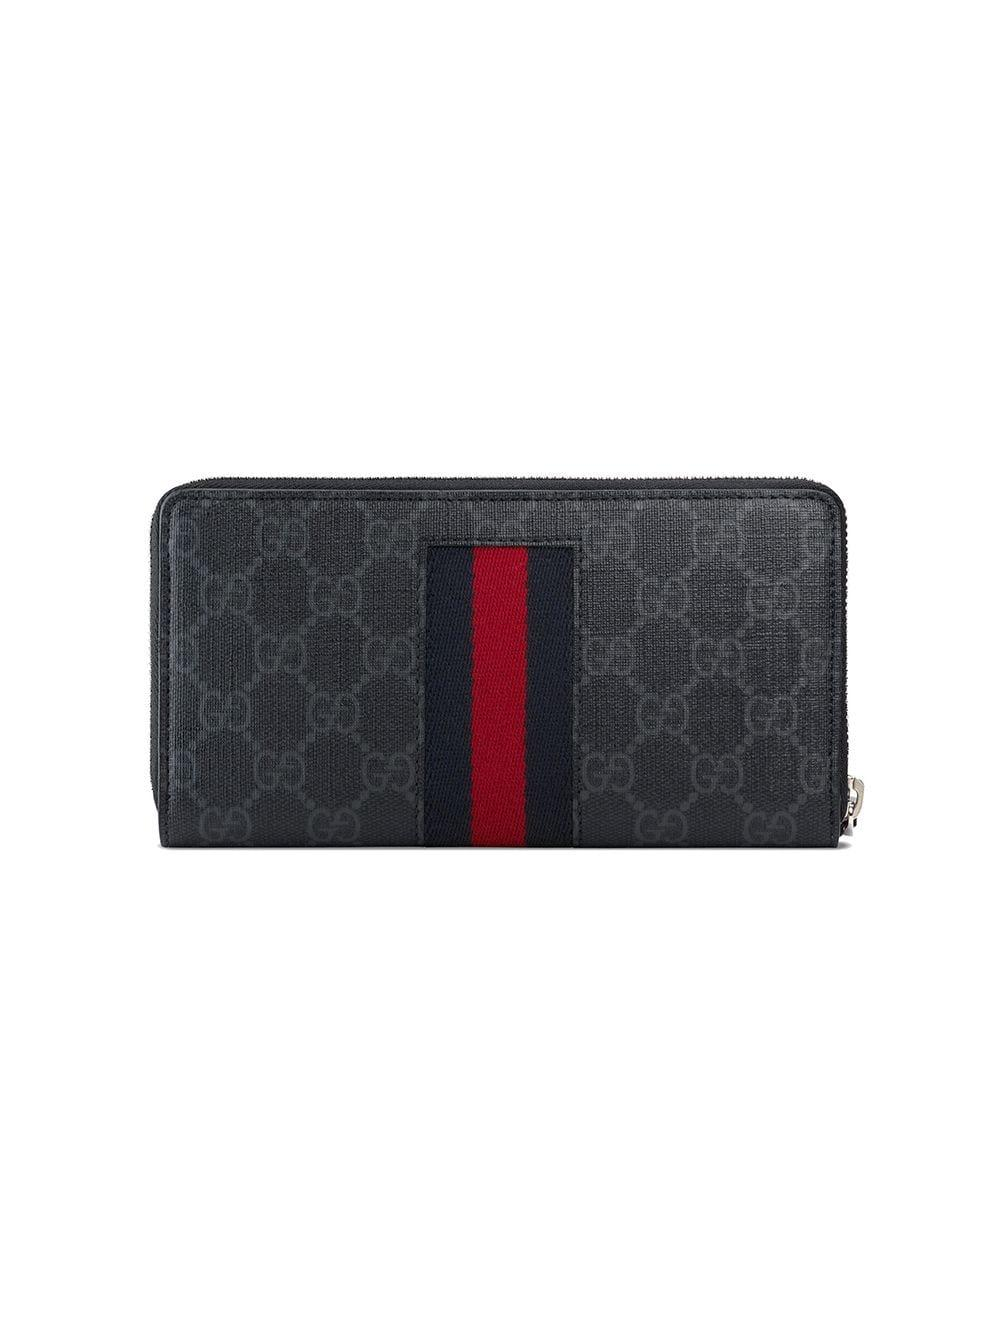 cee82e2e1377 Lyst - Gucci Black GG Supreme Web Zip Around Wallet in Black